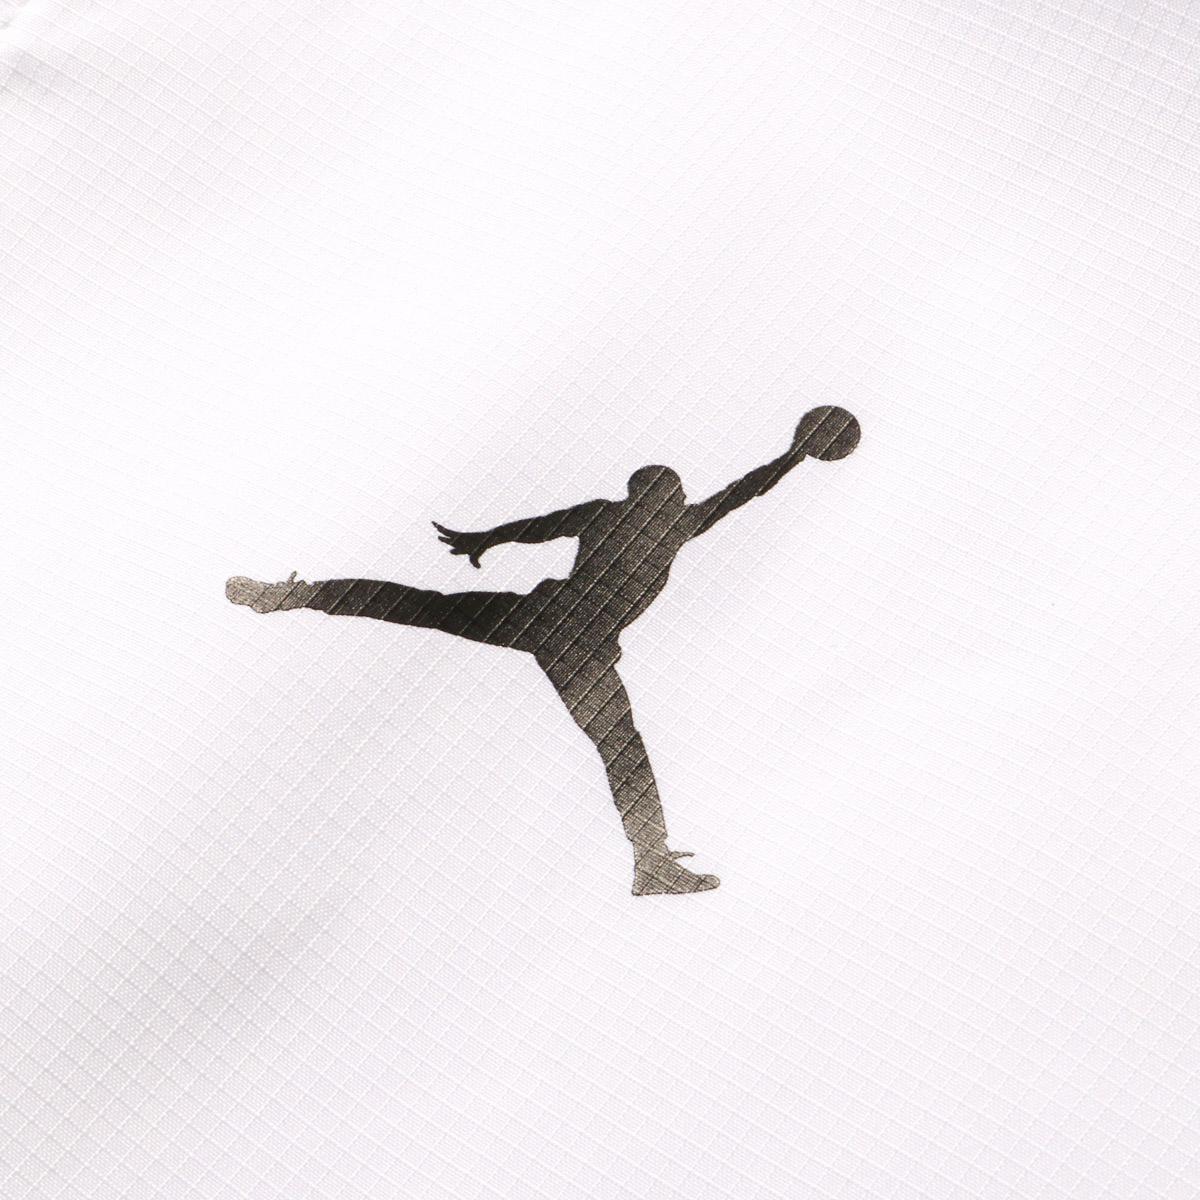 1e1f9cceb5 NIKE JSW WINGS GFX WINDBREAKER (Nike Jordan wings GFX windbreaker) WHITE BLACK  18FA-I